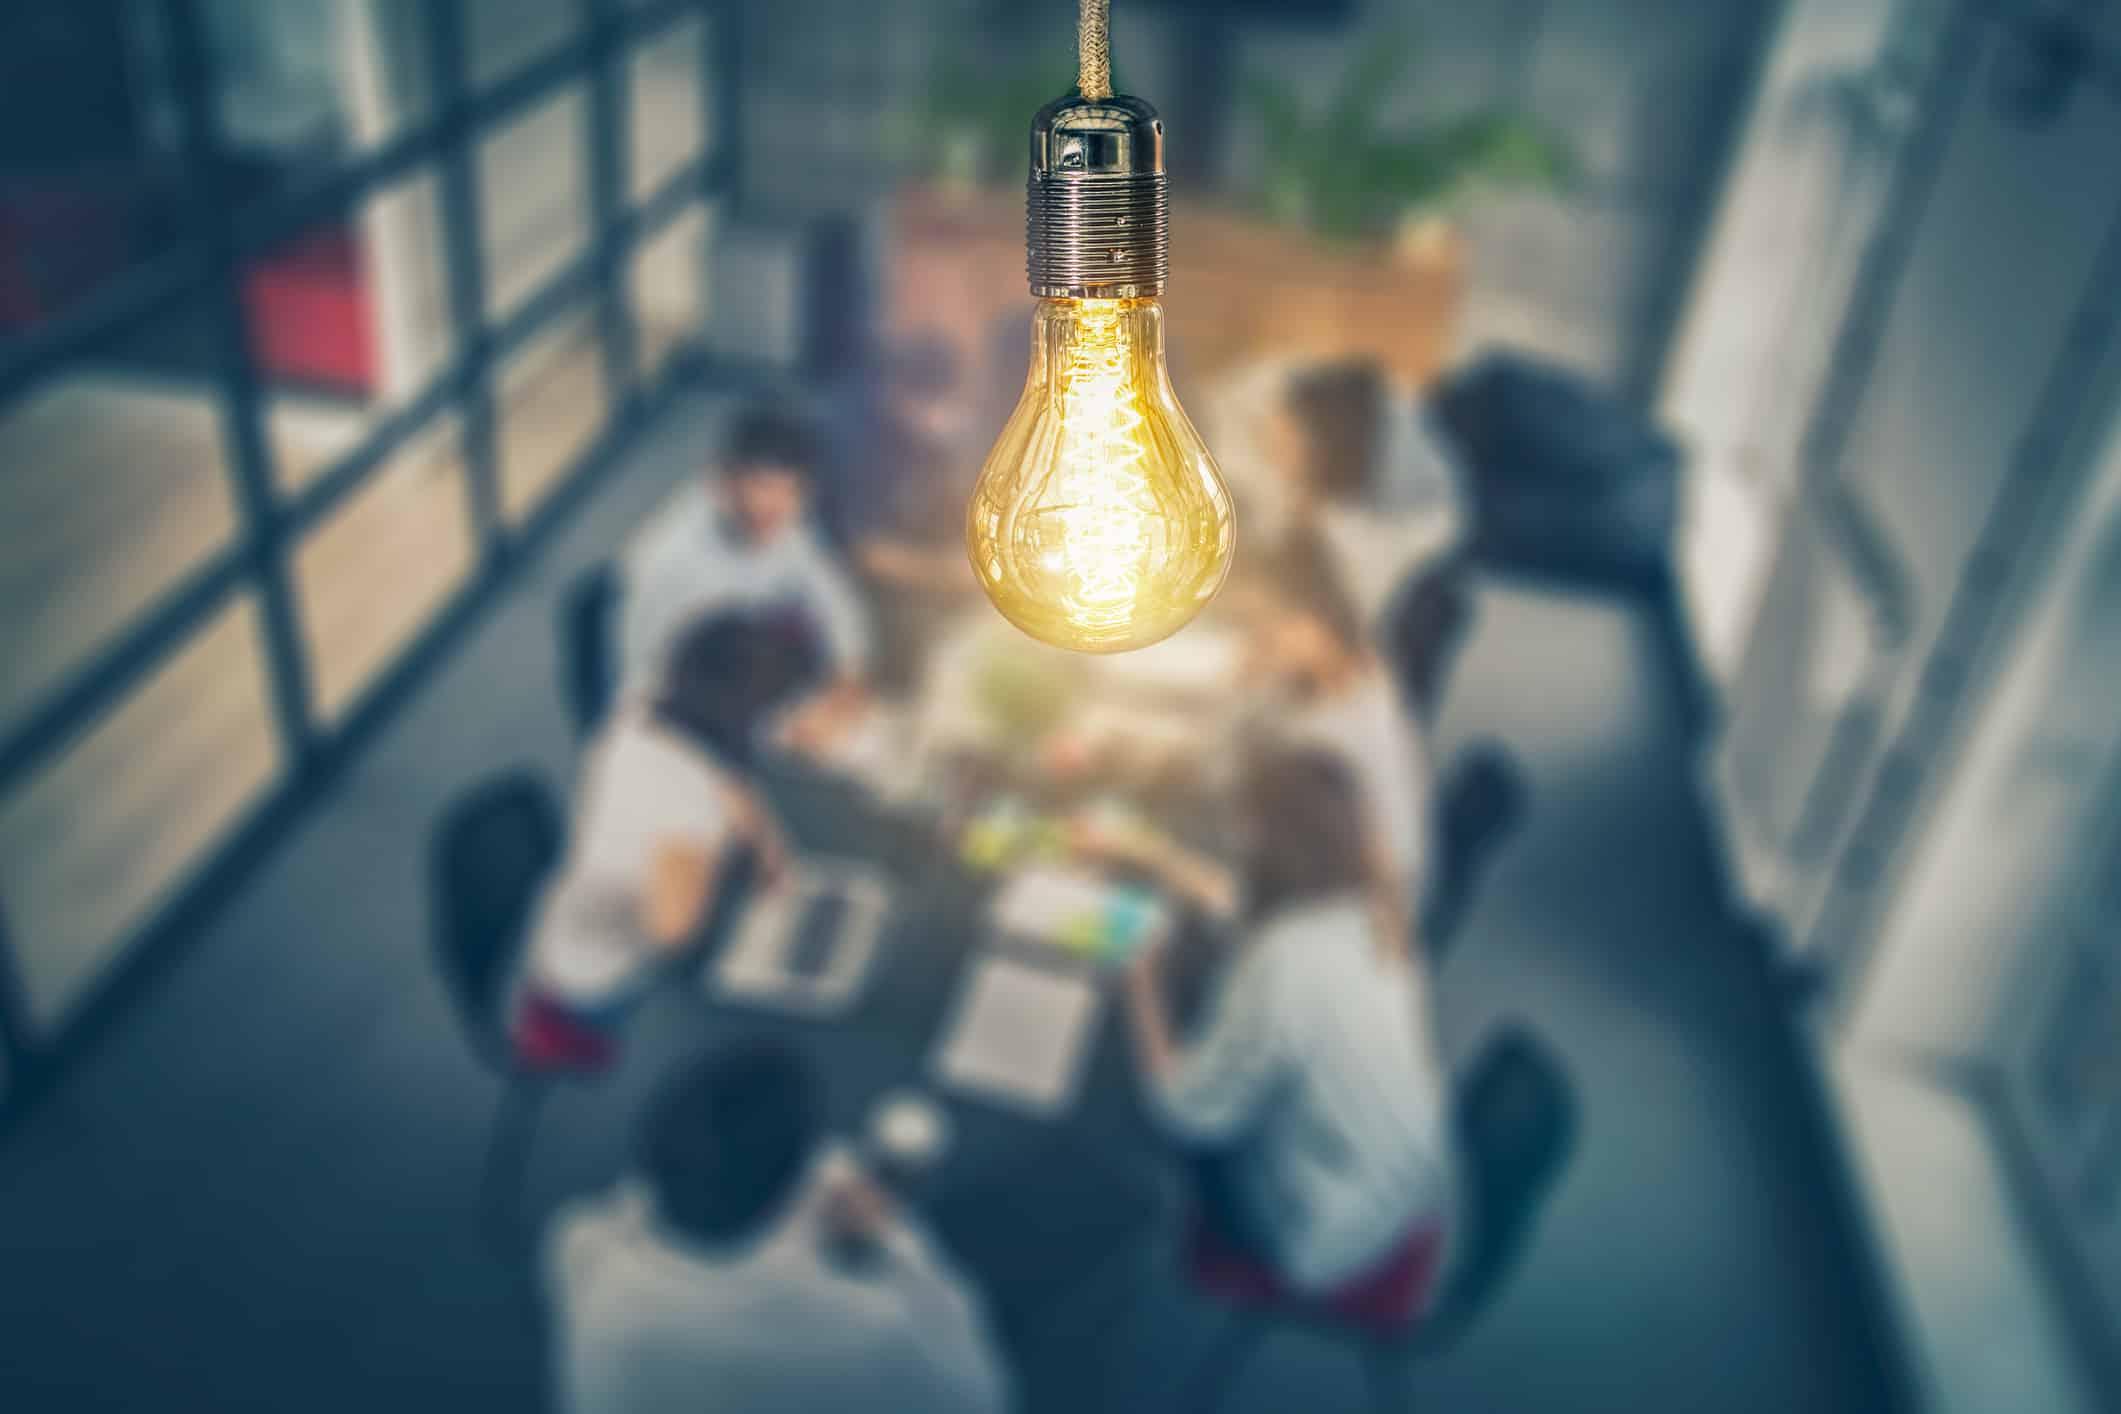 Inovação aberta permite grandes empresas a terem ideias transformadoras